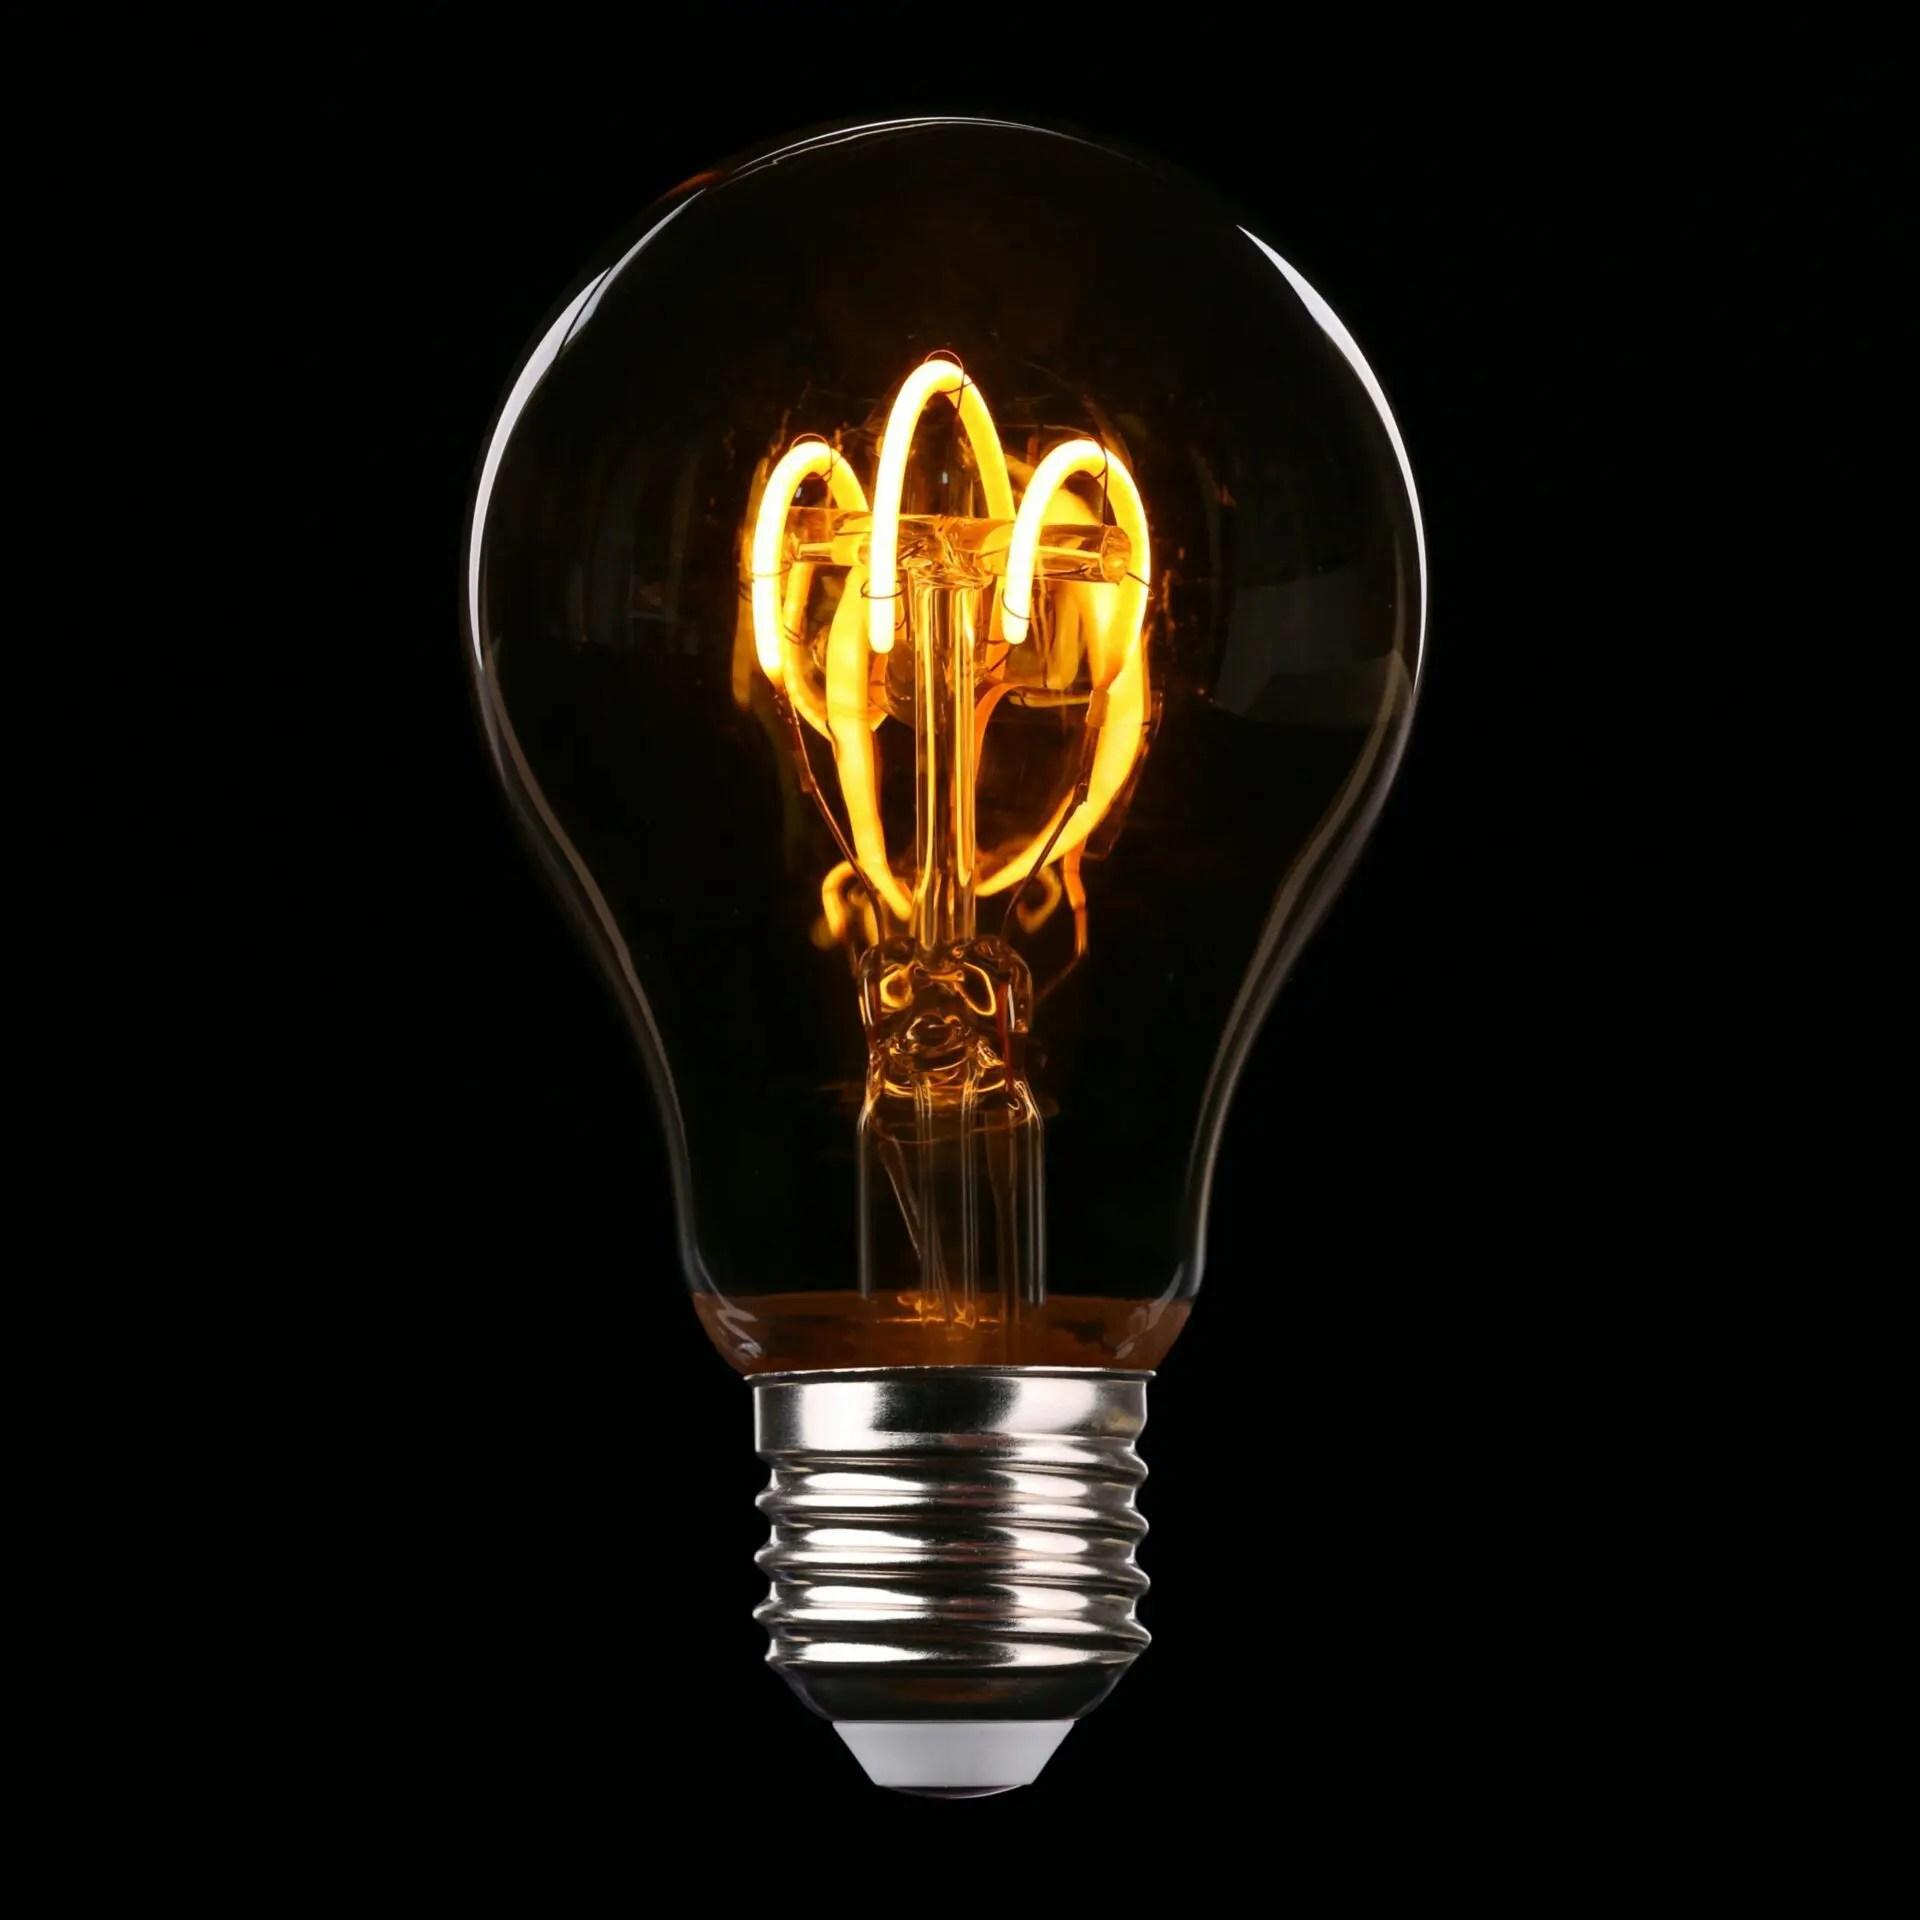 Billiger Stromtarif und Ihr Elektroauto